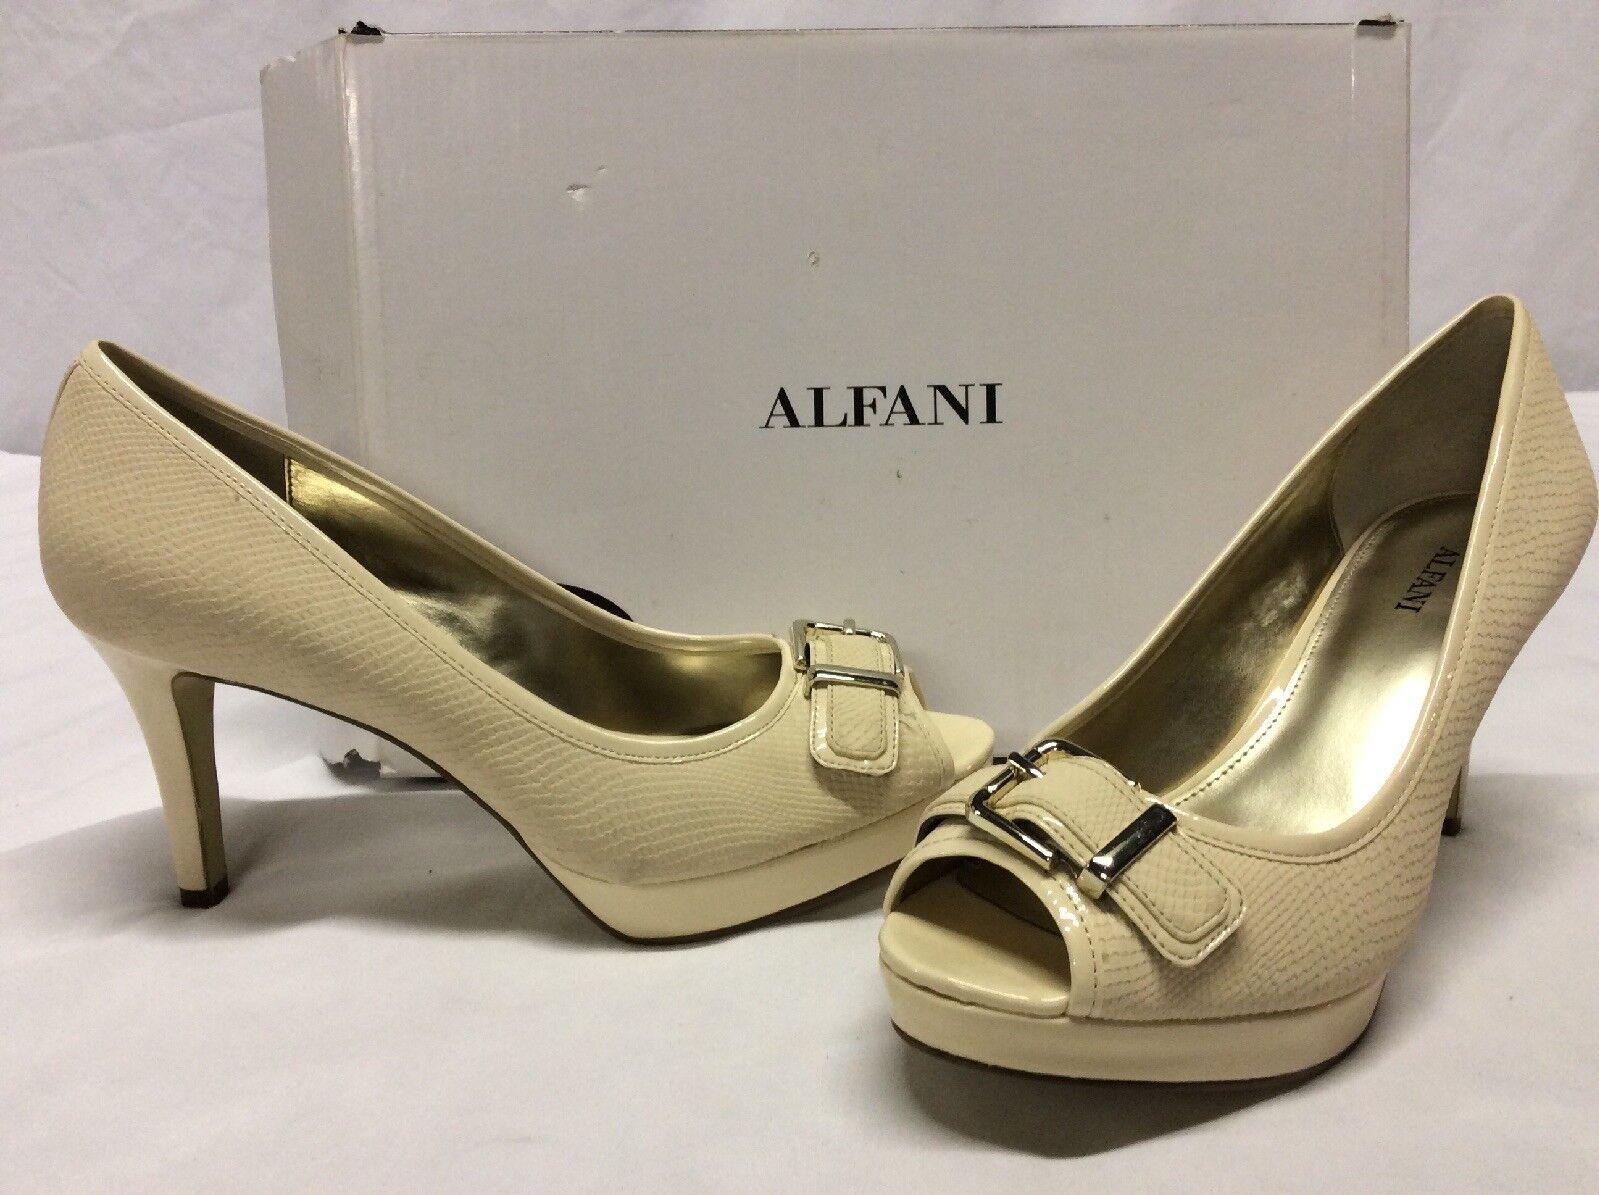 Alfani SHAYLA Women's Heels Open Toe shoes,Bridal. Buttermilk, Size 8 M